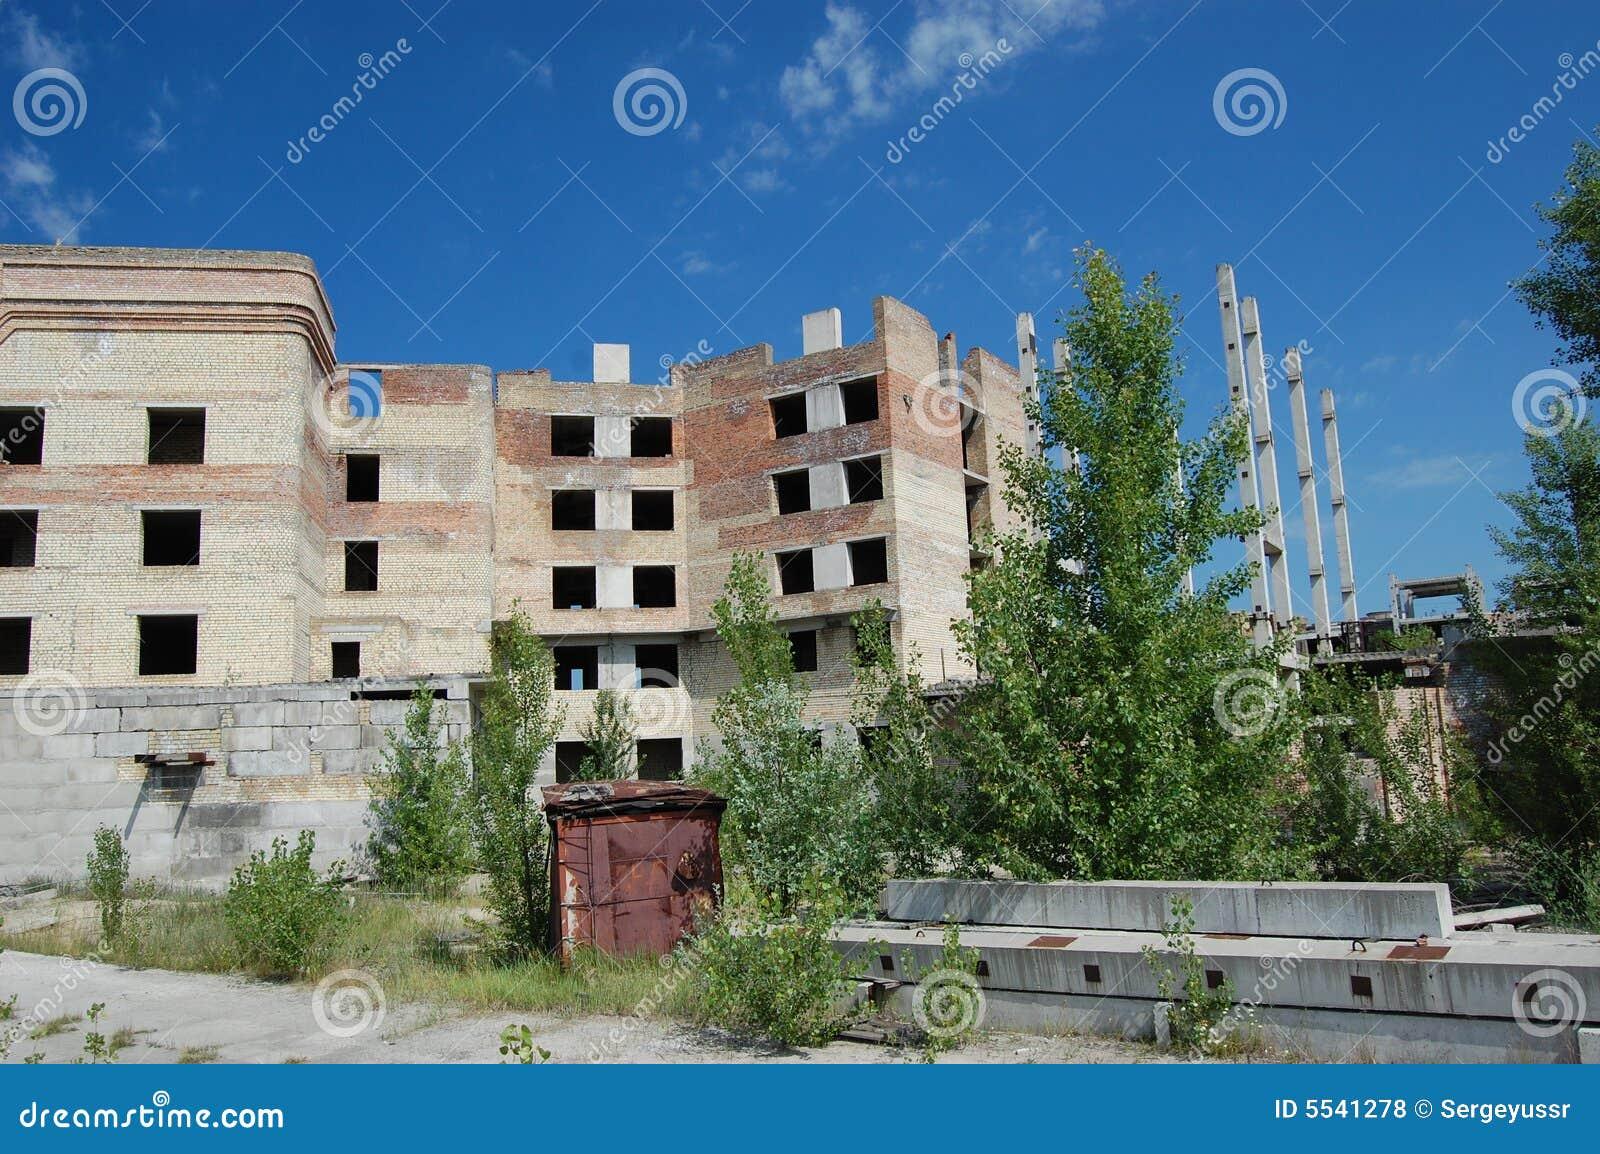 Ciudad perdida. Área de Chernobyl.